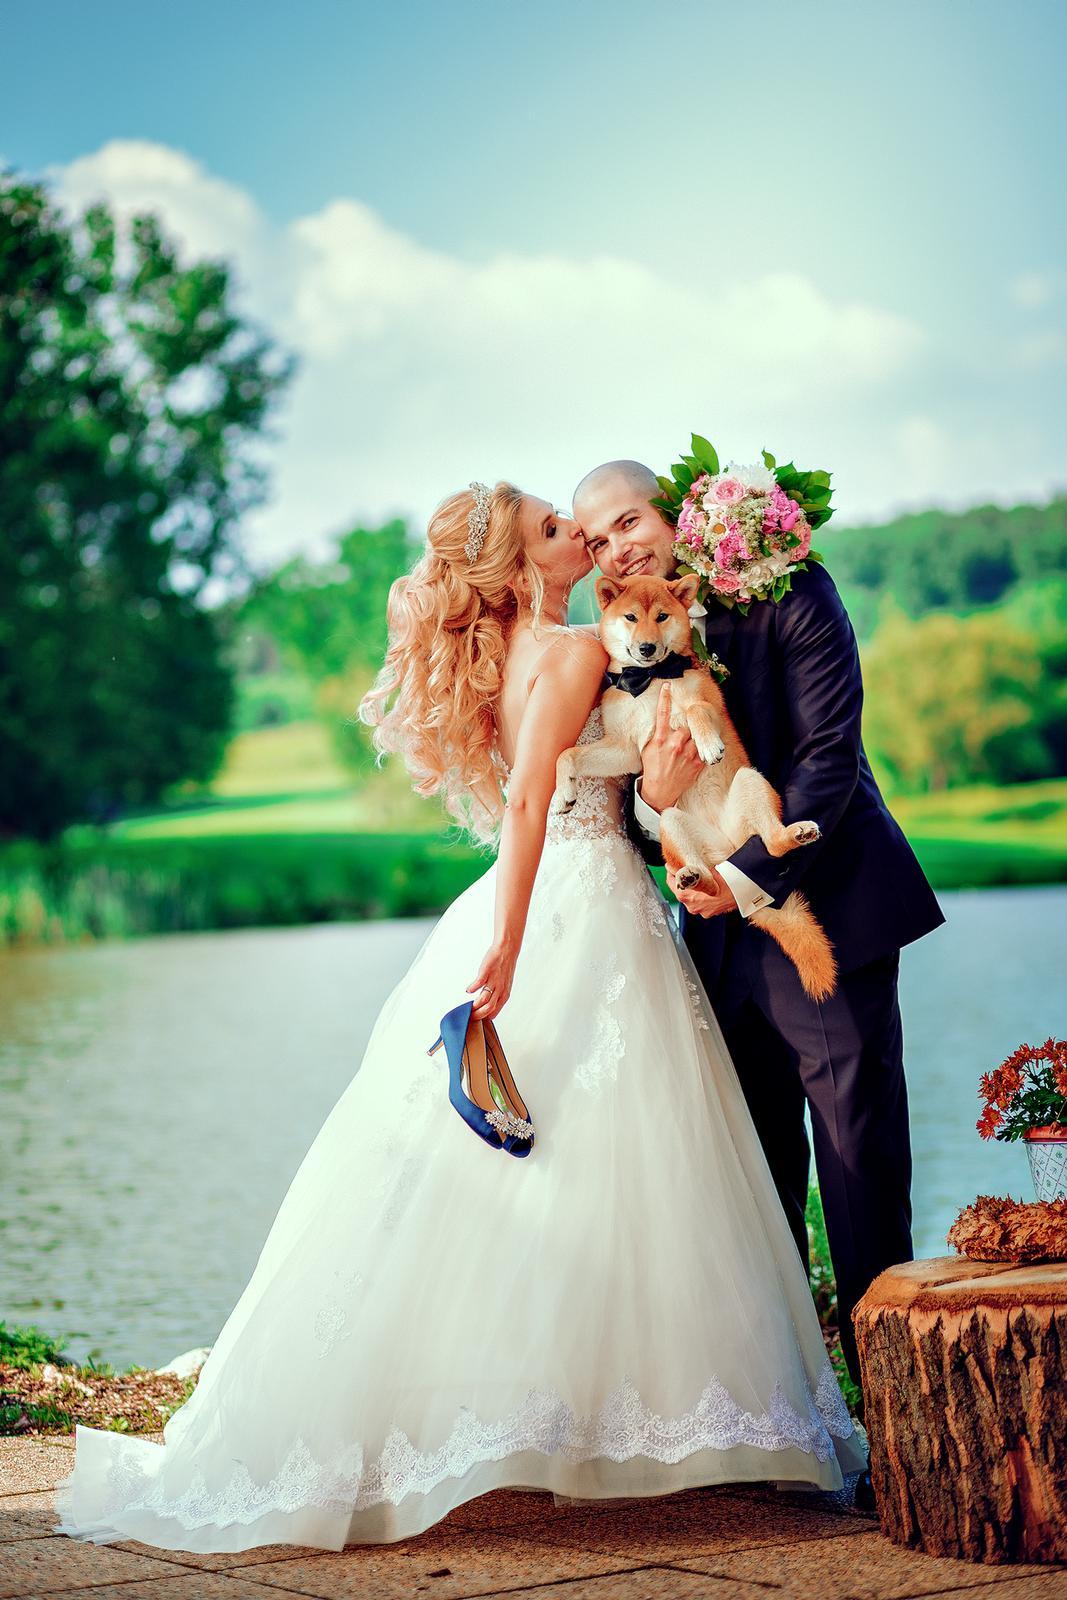 Svadobné príbehy ... - Obrázok č. 63